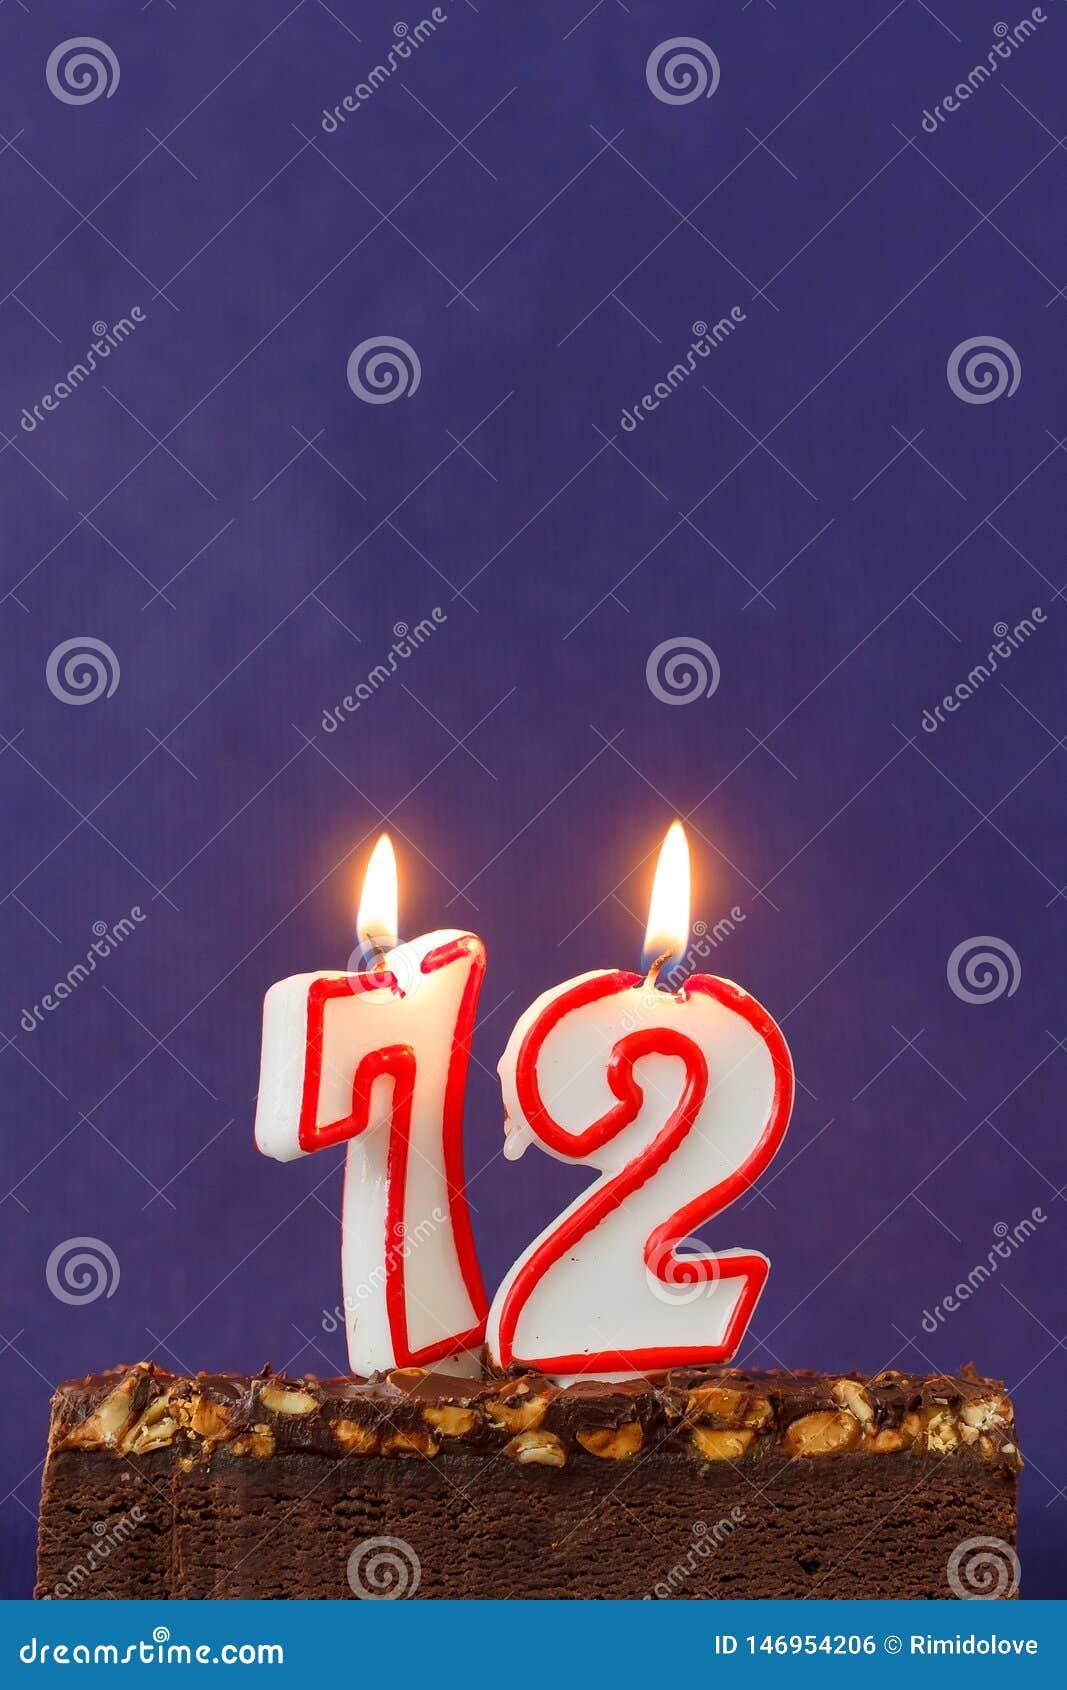 Alles Gute zum Geburtstag Brownie Cake mit Erdn?ssen, gesalzenem Karamell und bunten brennenden Kerzen auf Violet Background Kopi